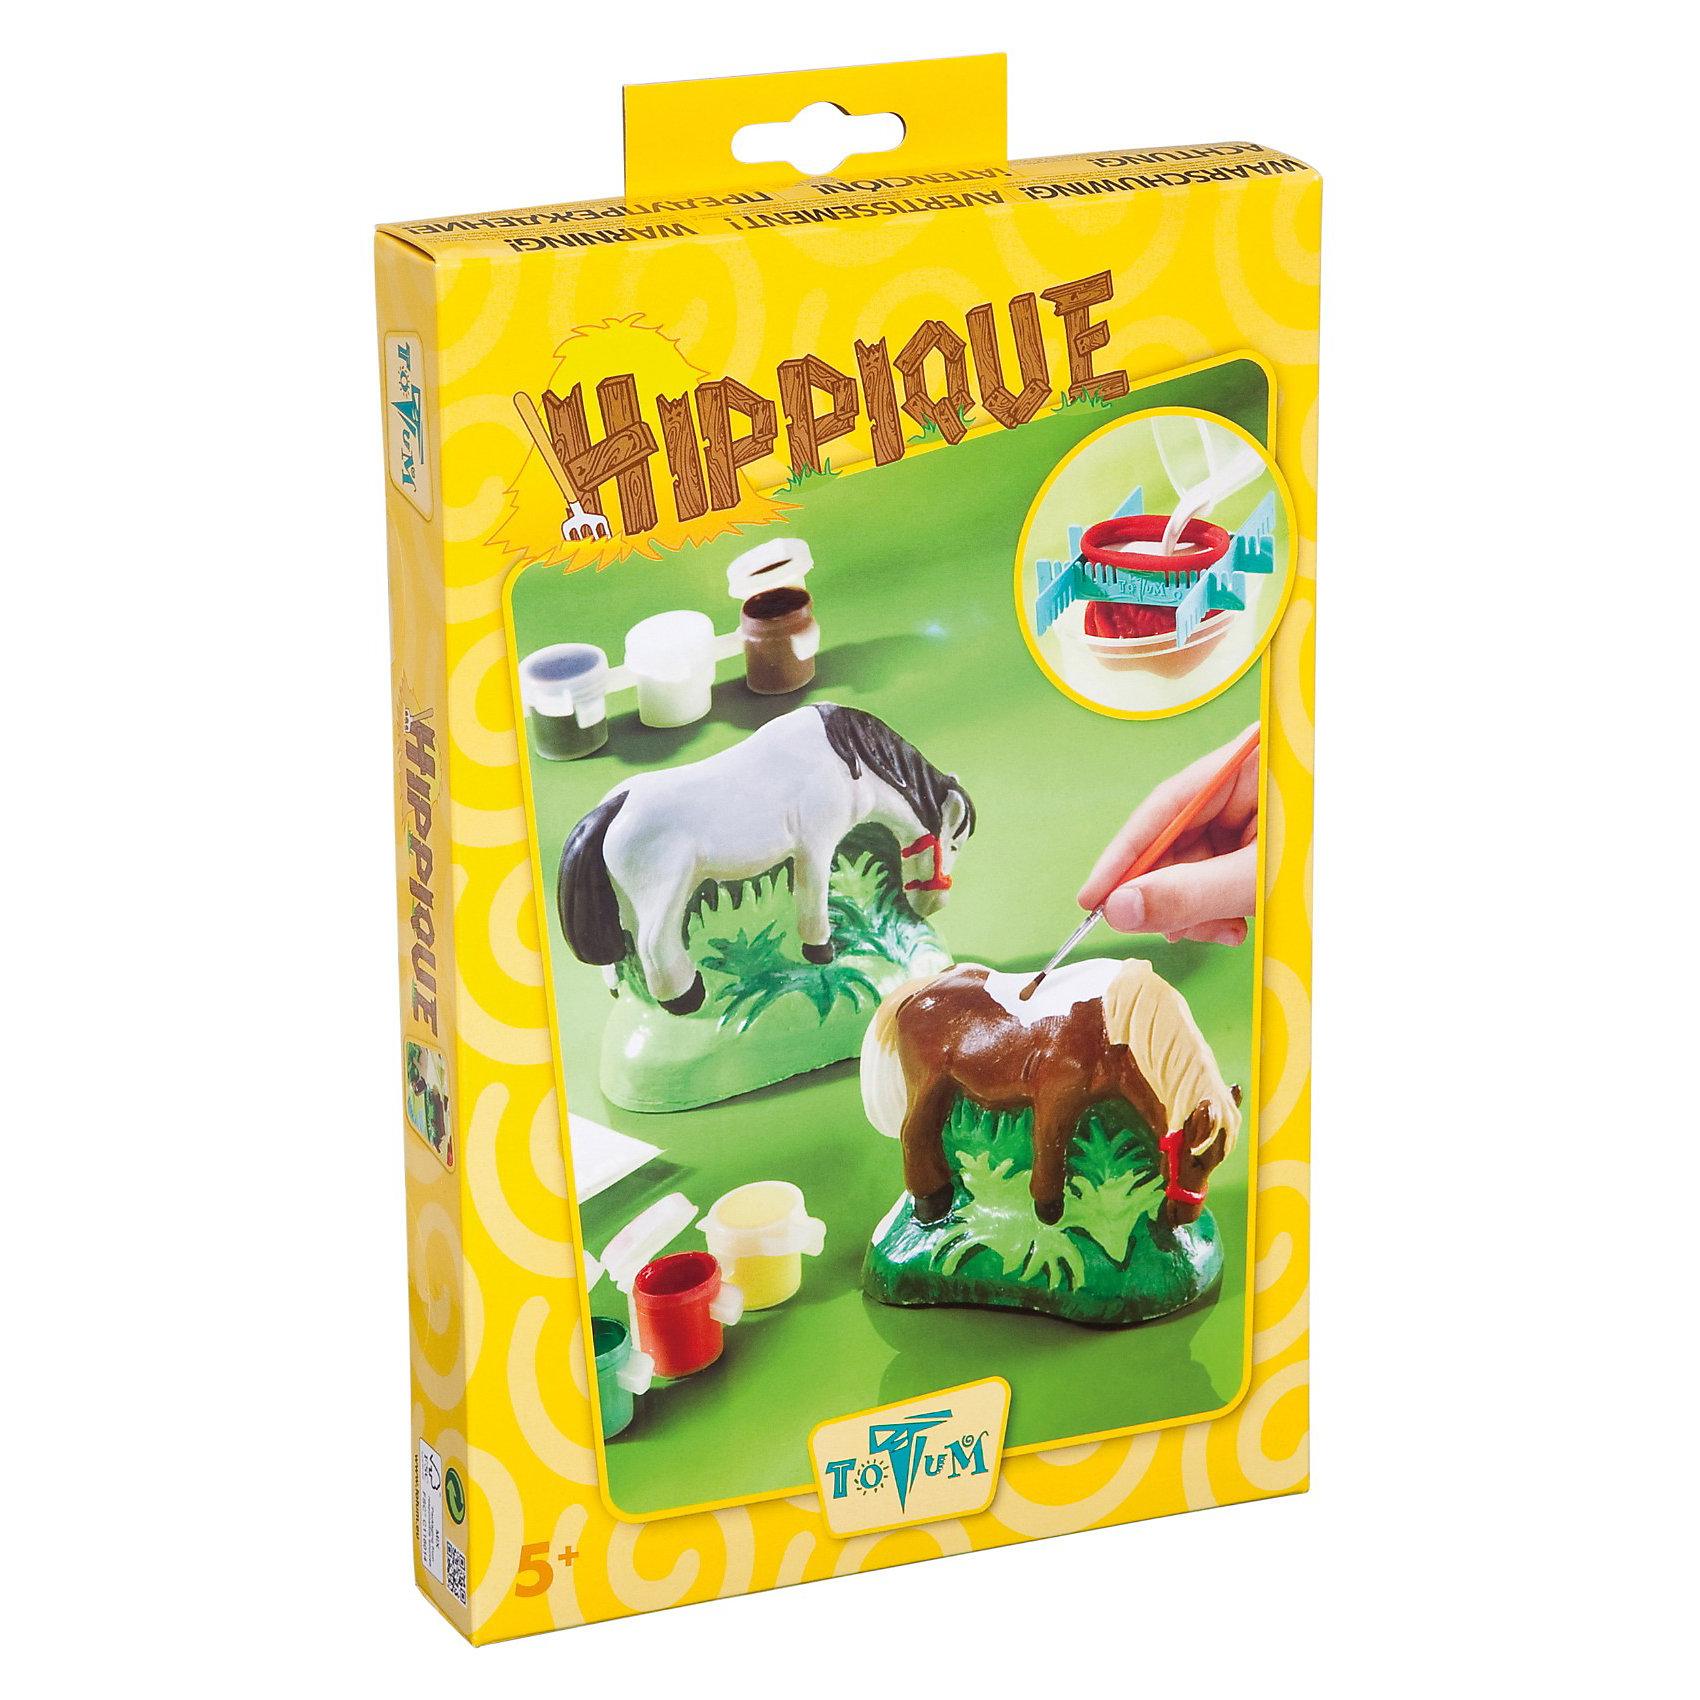 Набор для творчества HIPPIQUEРисование<br>Hippique - это набор для творчества, который даст возможность вашему чаду проявить свою фантазию и развить мелкую моторику рук, а также научит усидчивости и терпению. С помощью гипса и формы, которые входят в набор, ребенок может создать милую маленькую лошадку. Потом уже ее можно украшать по своему усмотрению. Для этого в набор входят краски и специальные кисти к ней. Ребенку непременно понравится этот набор и он с у довольствием будет с ним играть. Комплектация набора: гипс, лопатка, форма, инструкция. Возраст: 5+<br><br>Ширина мм: 276<br>Глубина мм: 185<br>Высота мм: 40<br>Вес г: 464<br>Возраст от месяцев: 60<br>Возраст до месяцев: 144<br>Пол: Унисекс<br>Возраст: Детский<br>SKU: 2431504